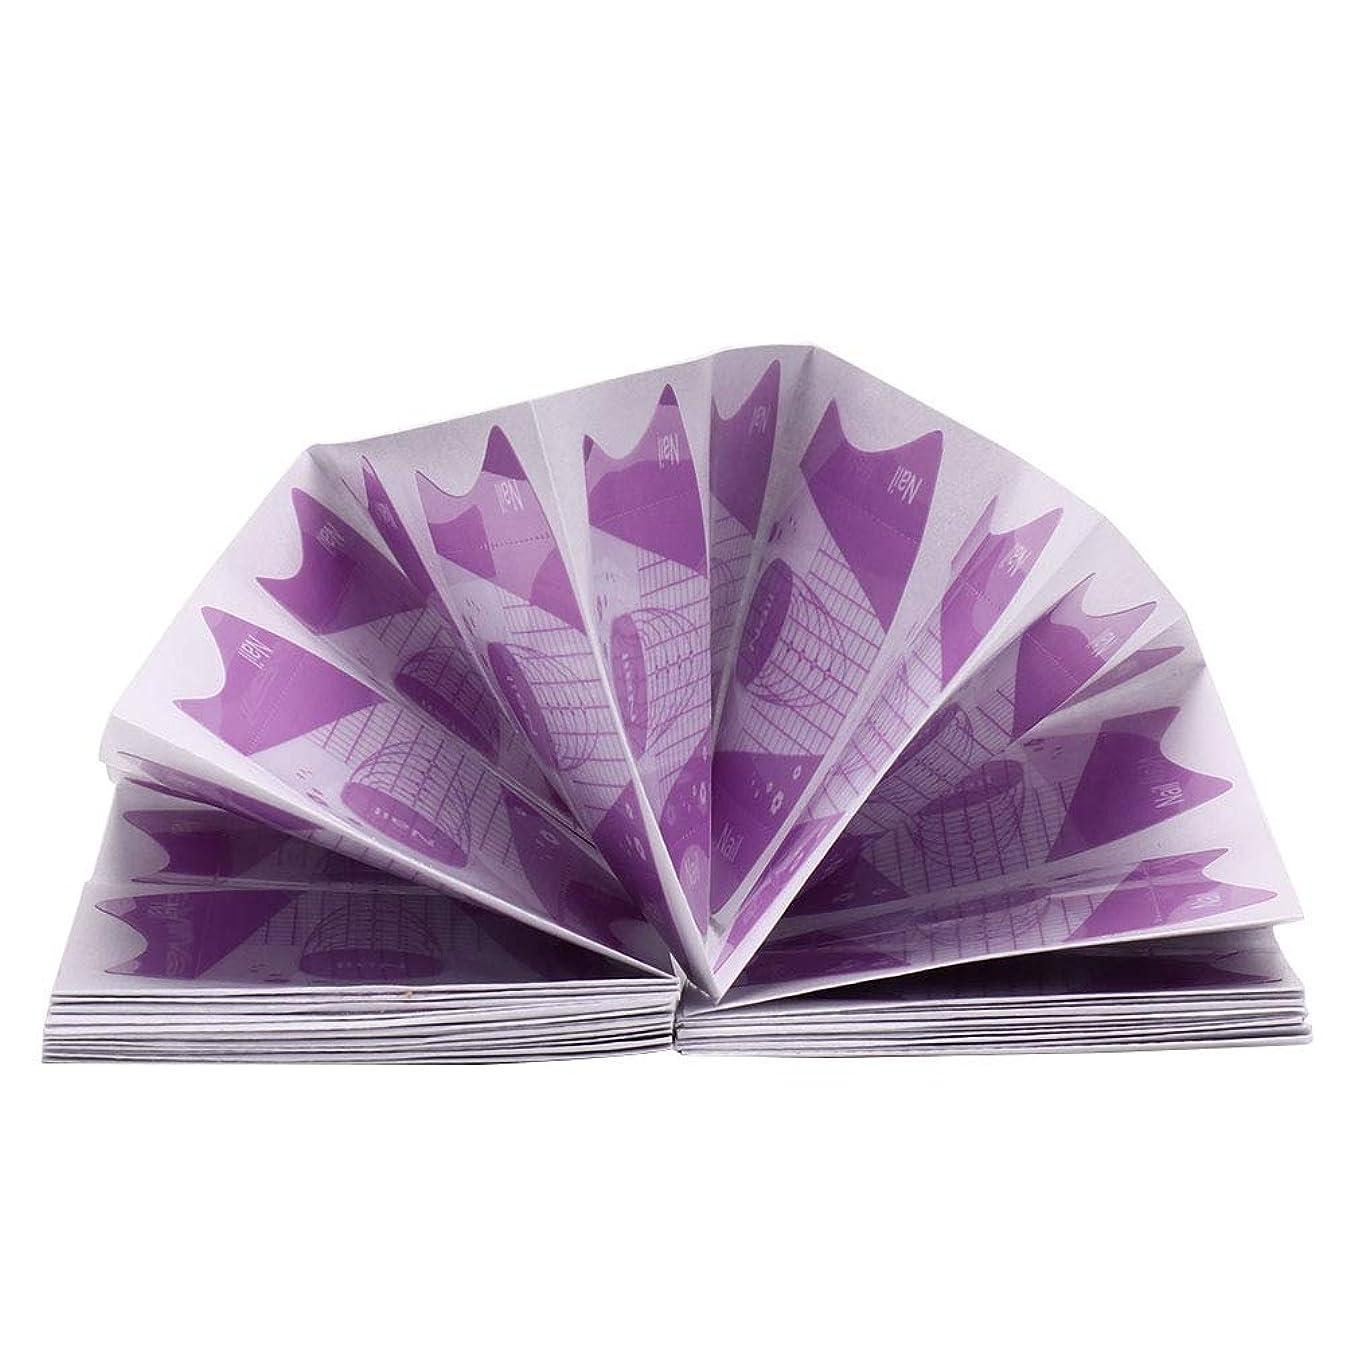 文請願者ポインタ100個ポータブル再利用可能なPP素材ネイルアートのヒント - エクステンションガイドUVジェル自己粘着ステッカーマニキュアツール